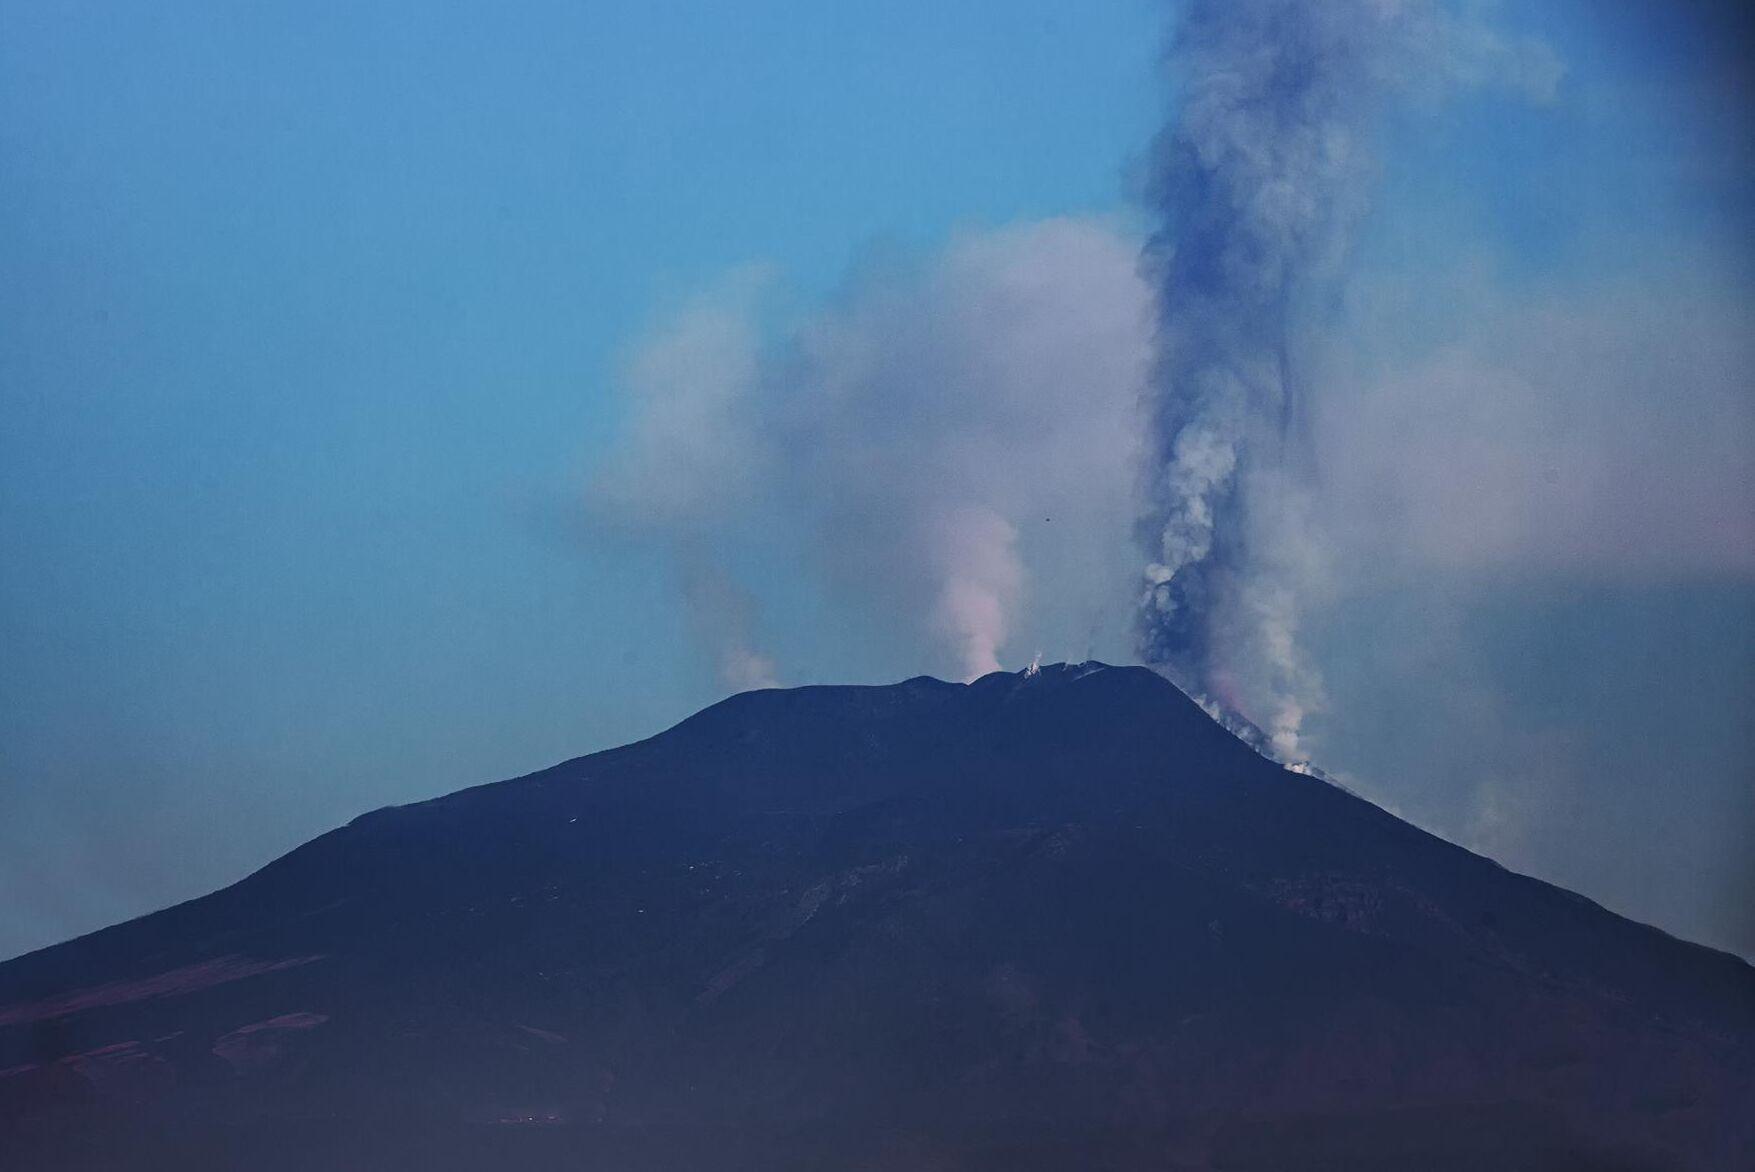 Hittills har över 40 miljoner kubikmeter aska och lava kommit ur vulkanen.